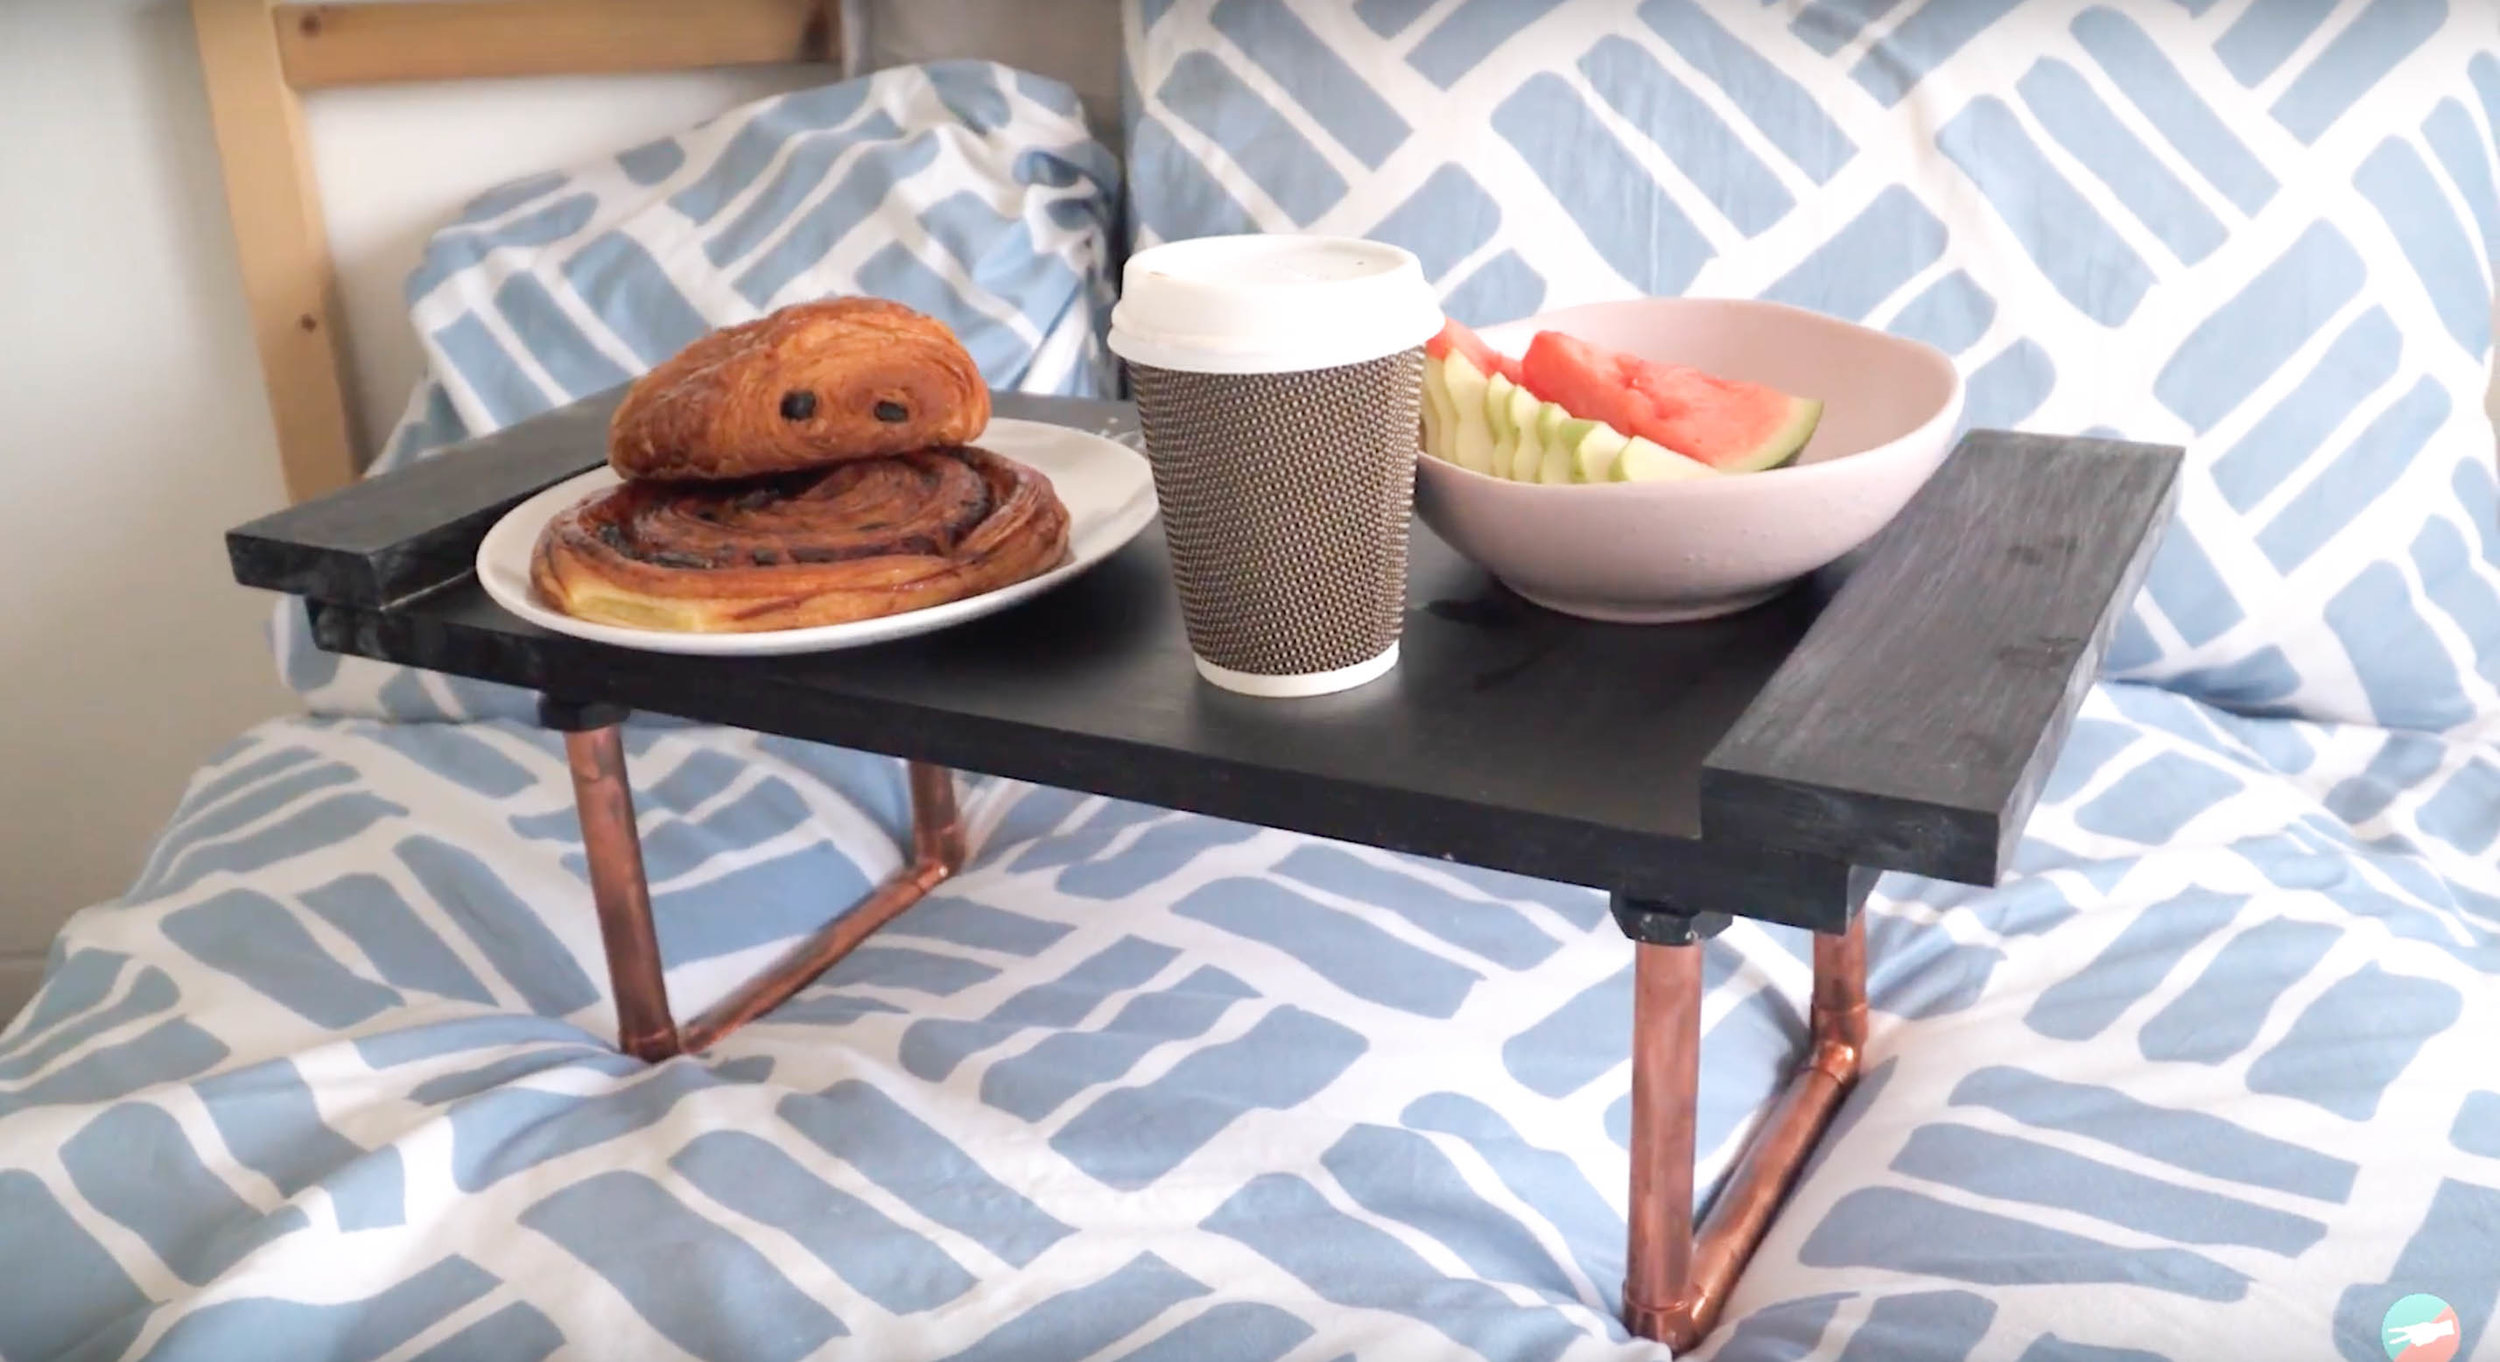 DIY breakfast in bed tray